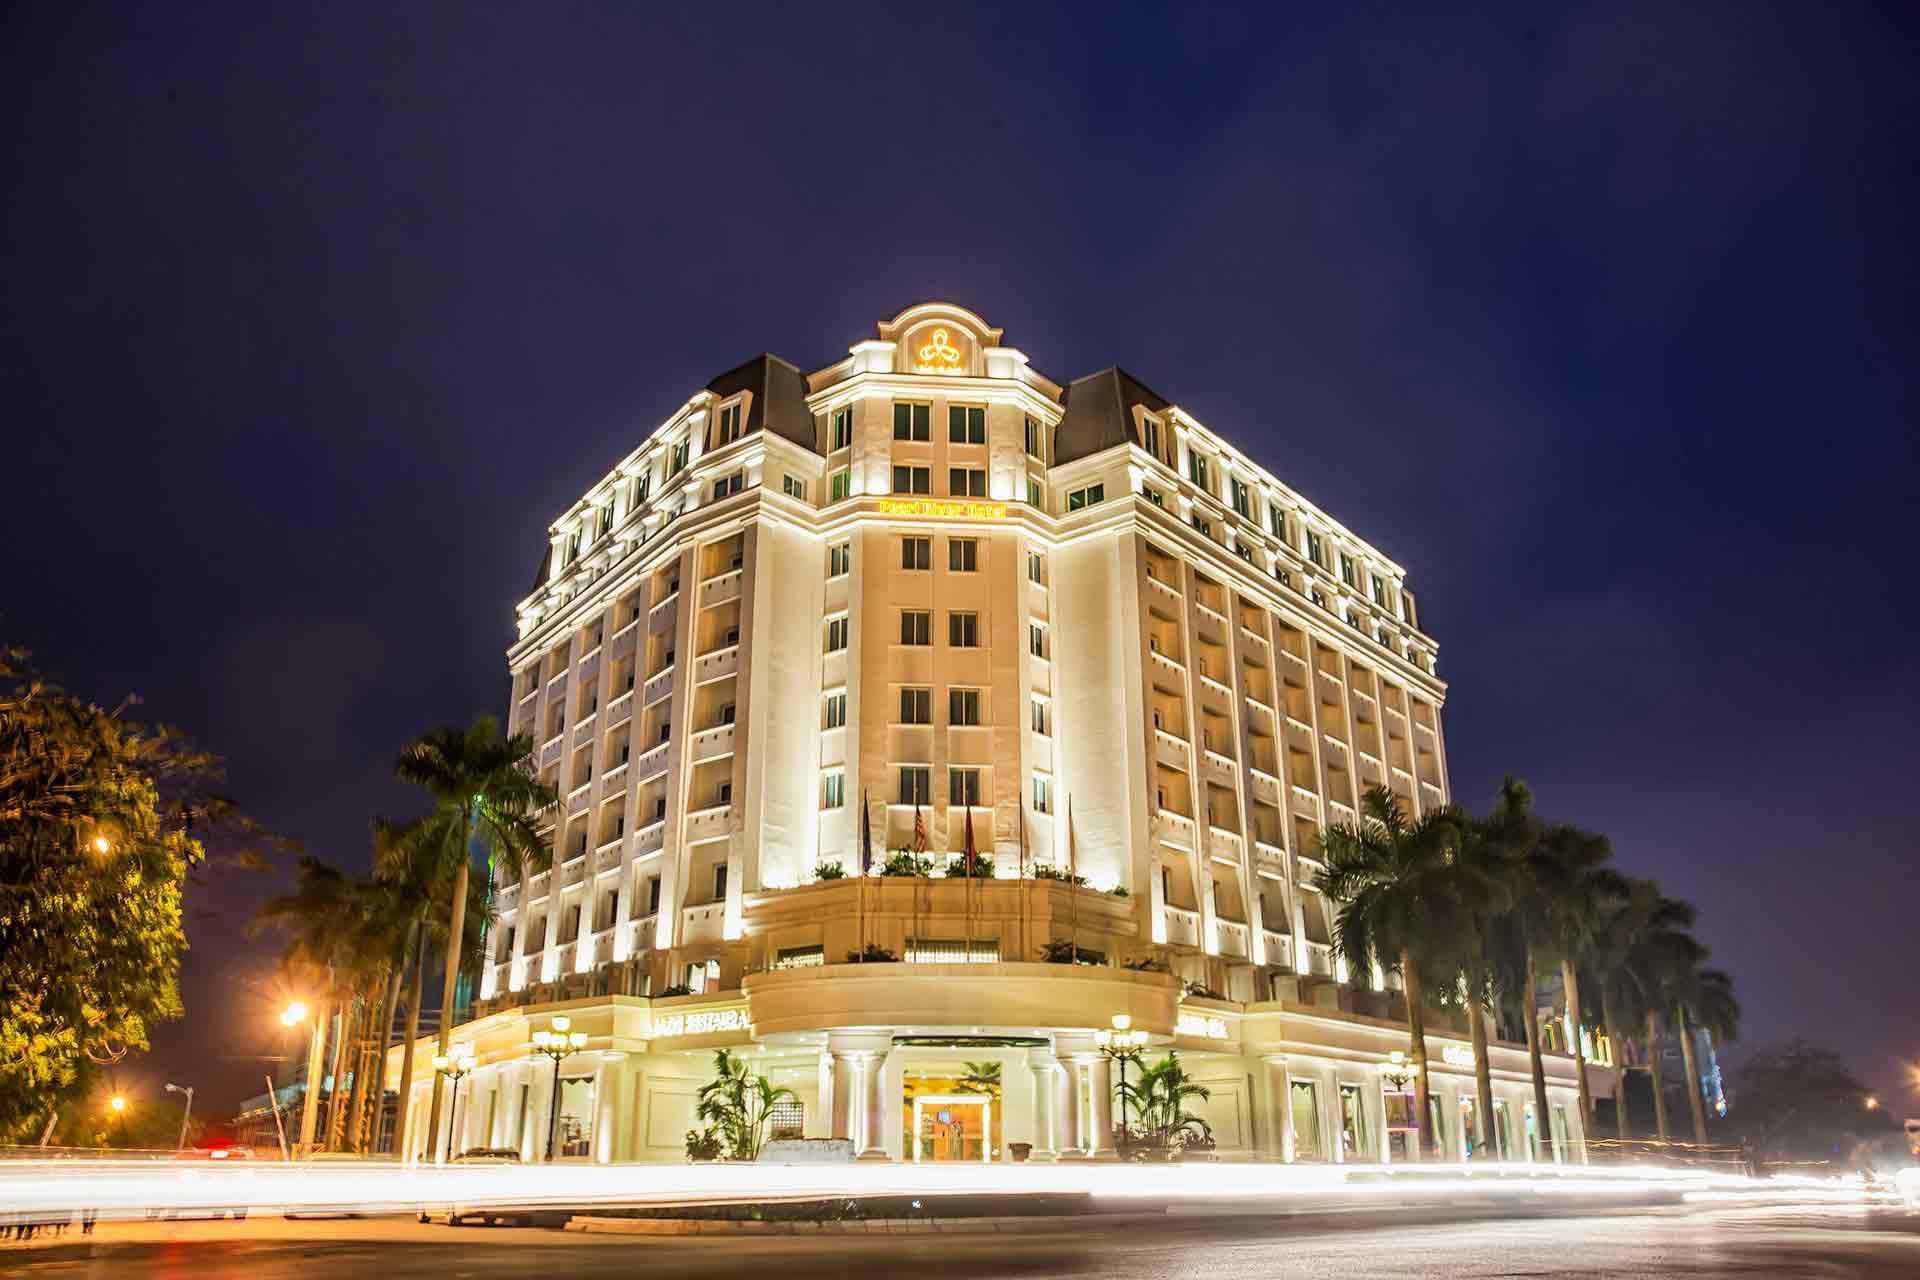 Khách sạn Pearl River Hotel 5 sao cách ly tại Hải Phòng